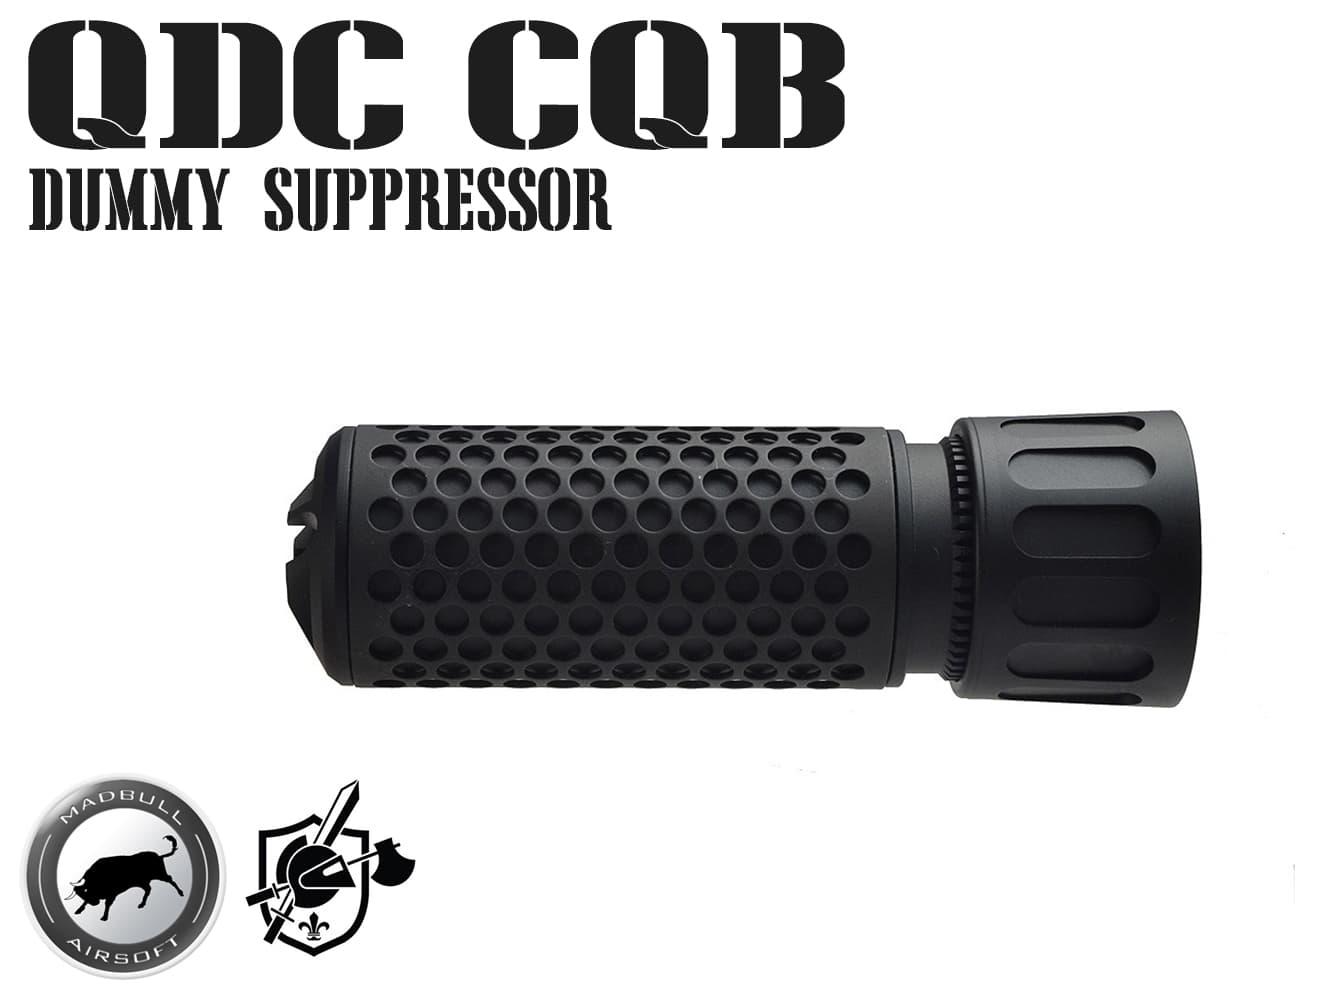 【送料無料】MADBULL KAC QDC CQB Airsoft ダミーサプレッサー BK 14mm正ネジ◆ブラック/正規品/ライセンス品/ナイツ/Knight's ARMAMENT